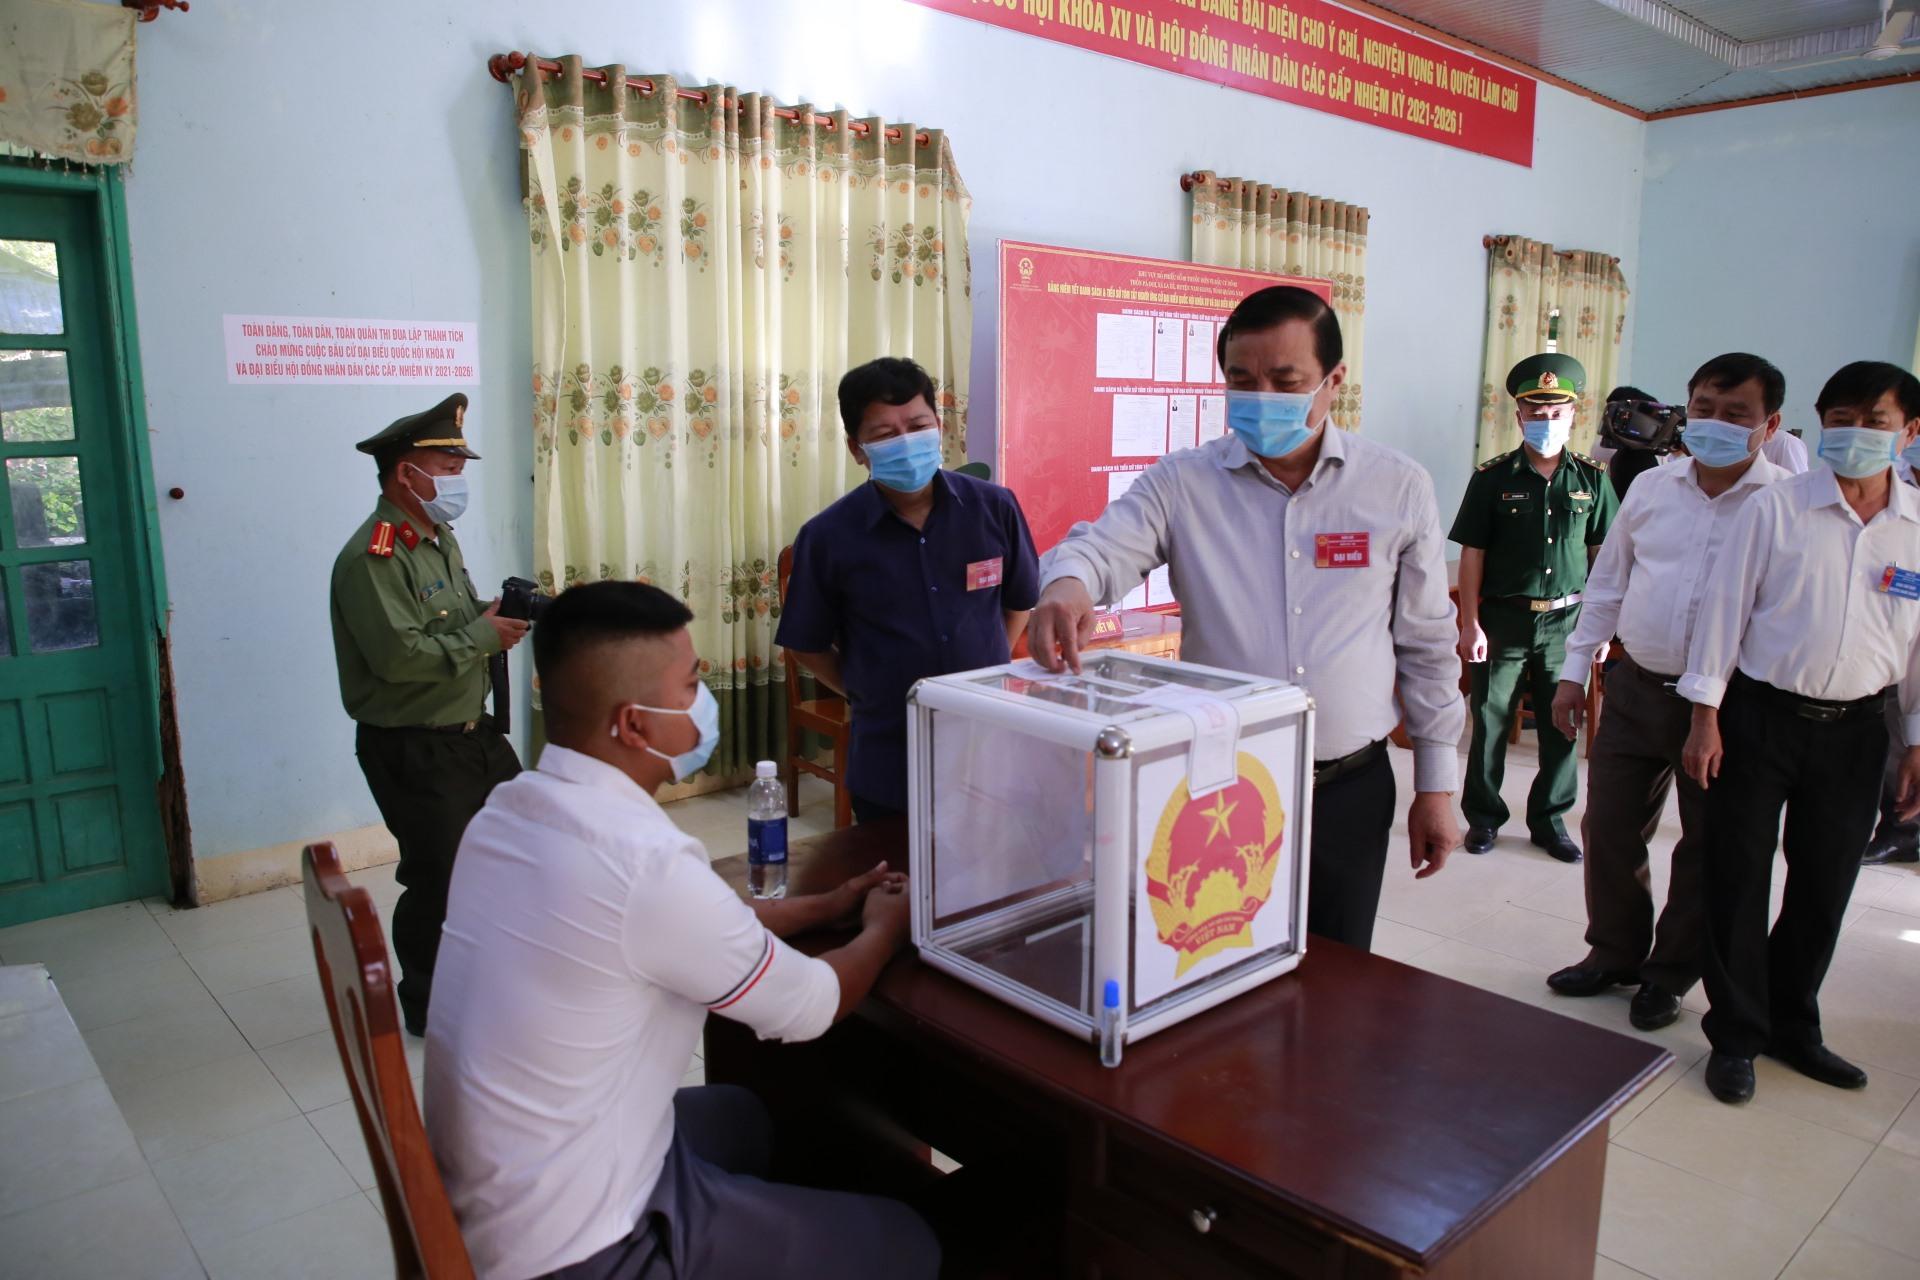 Tại điểm bỏ phiếu số 2, xã La Êê, Bí thư Tỉnh ủy Phan Việt Cường kiểm tra điểm bỏ phiếu, nhắc nhở tổ bỏ phiếu dặn người dân không bỏ nhầm thẻ cử tri vào hòm phiếu.